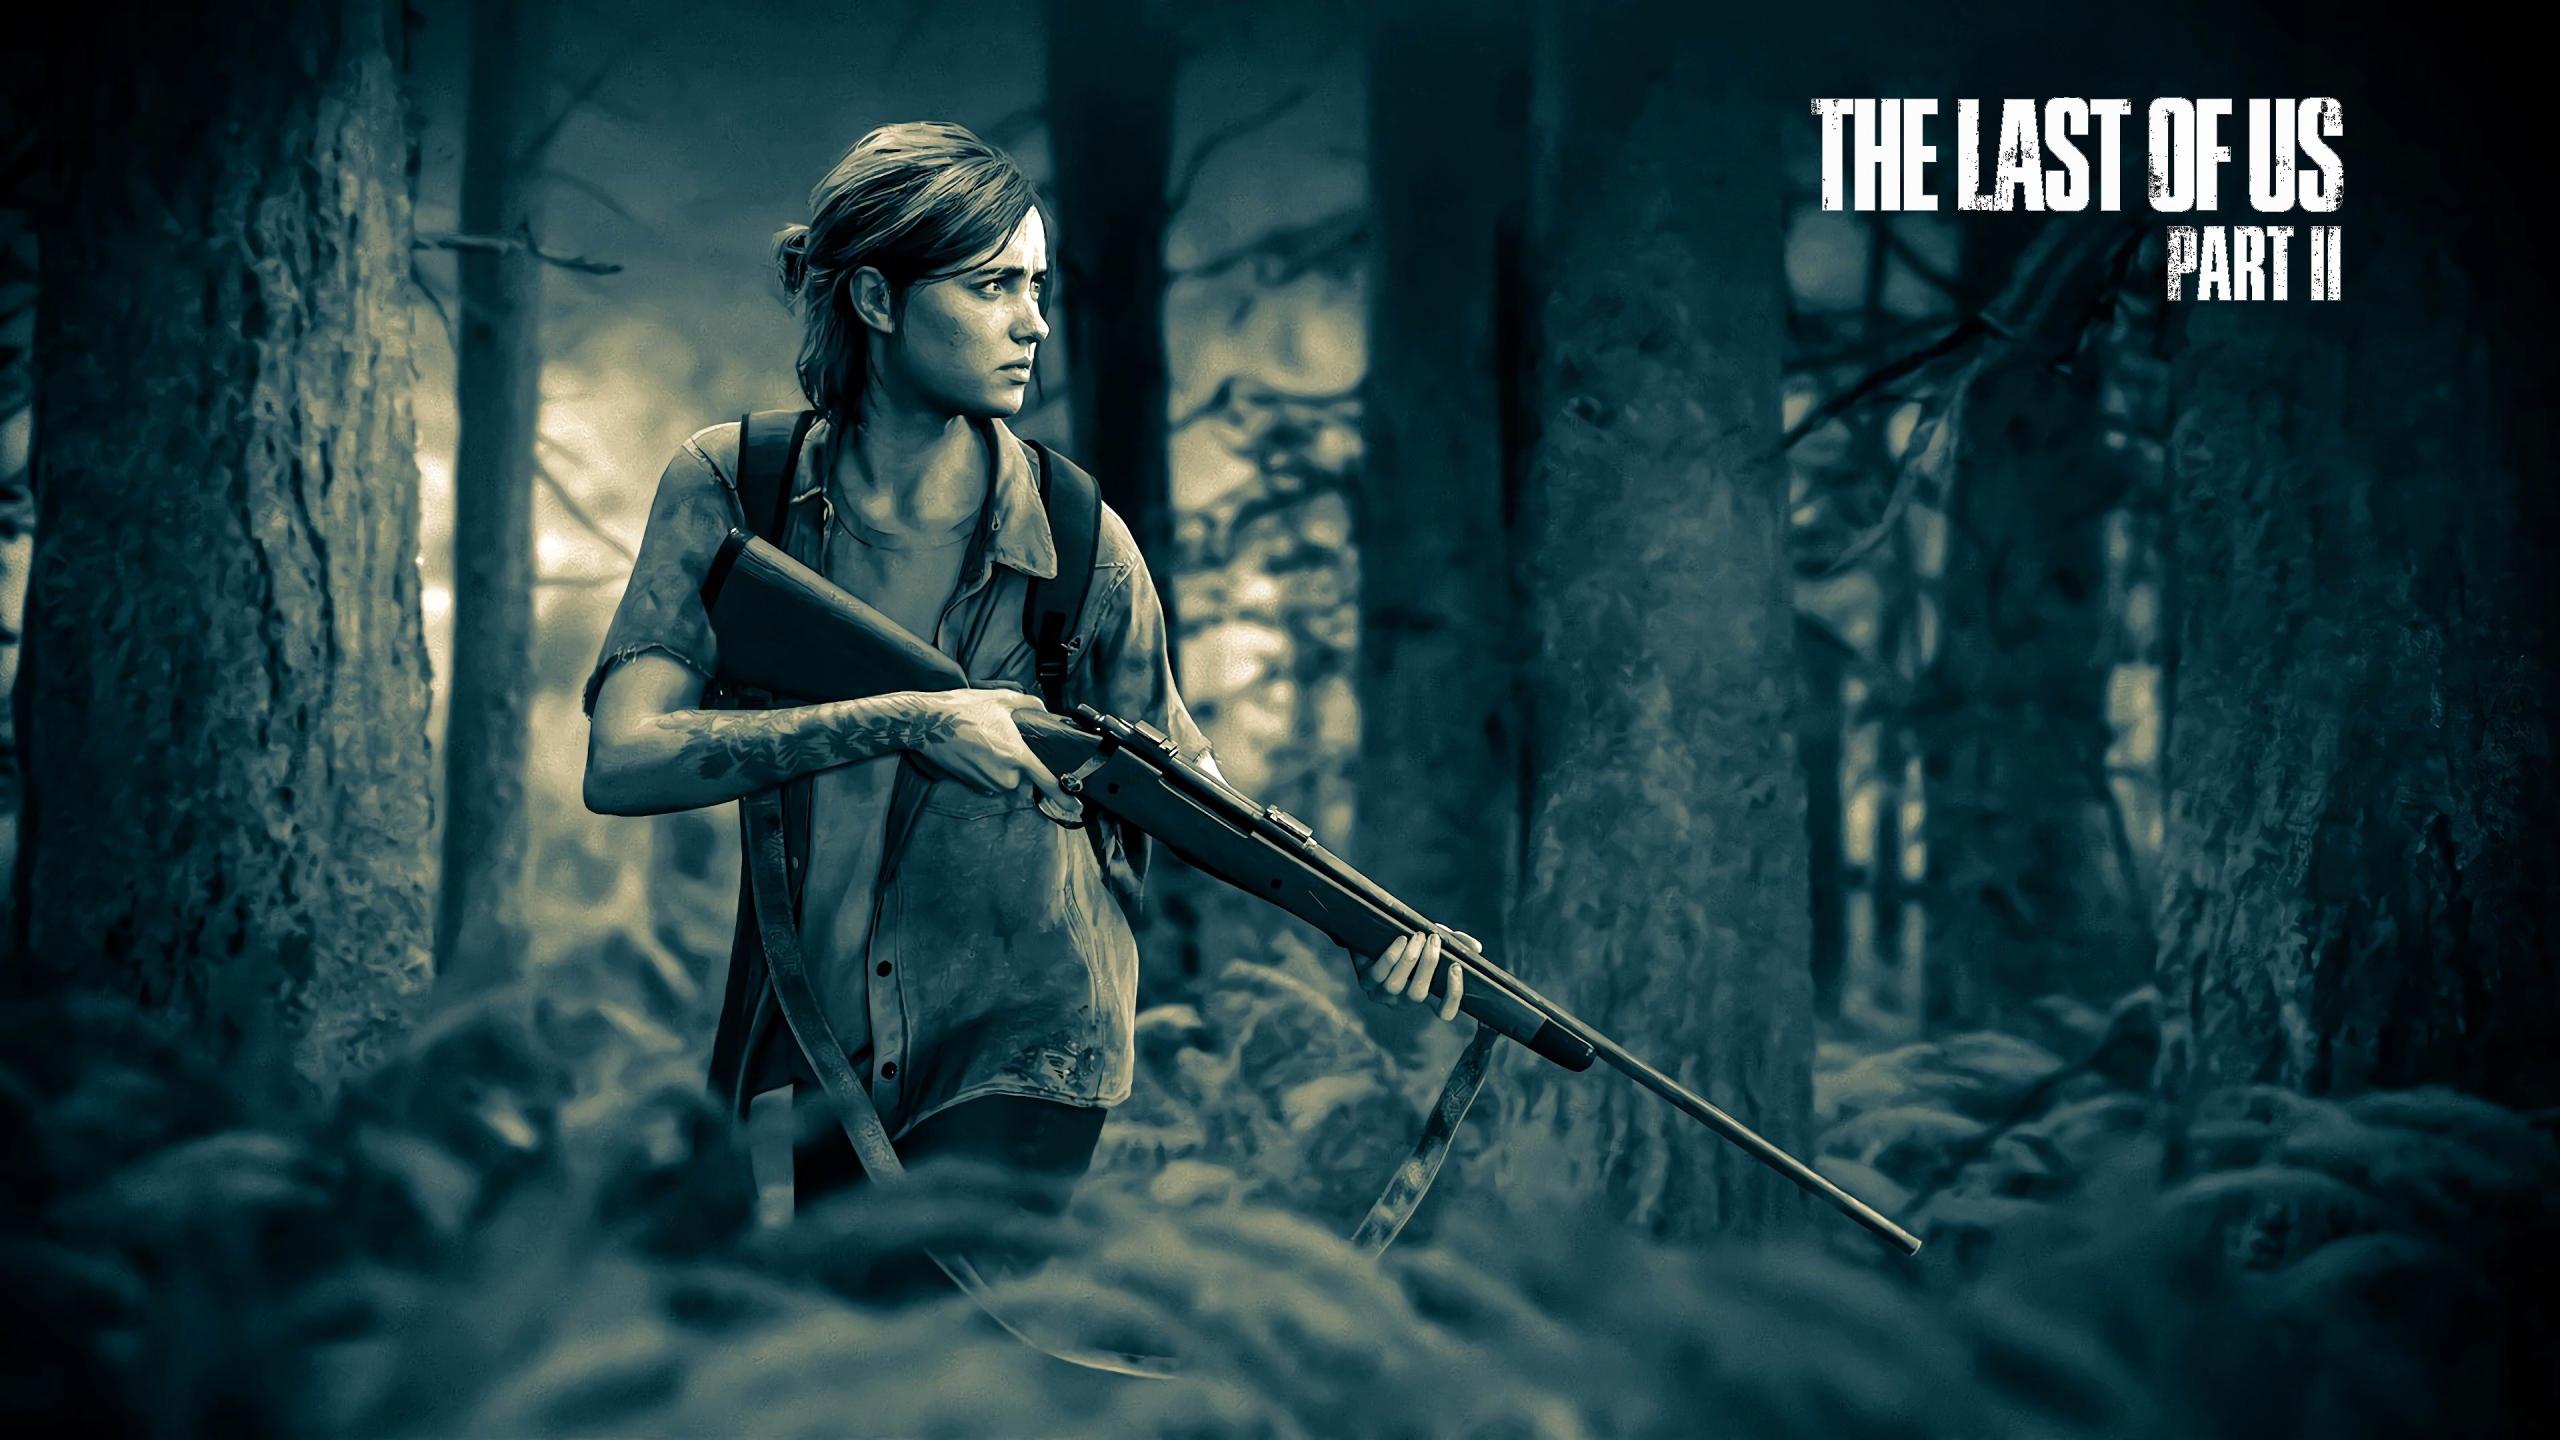 """""""The Last of Us 2"""", bo każdy może być ostatnim z nas"""